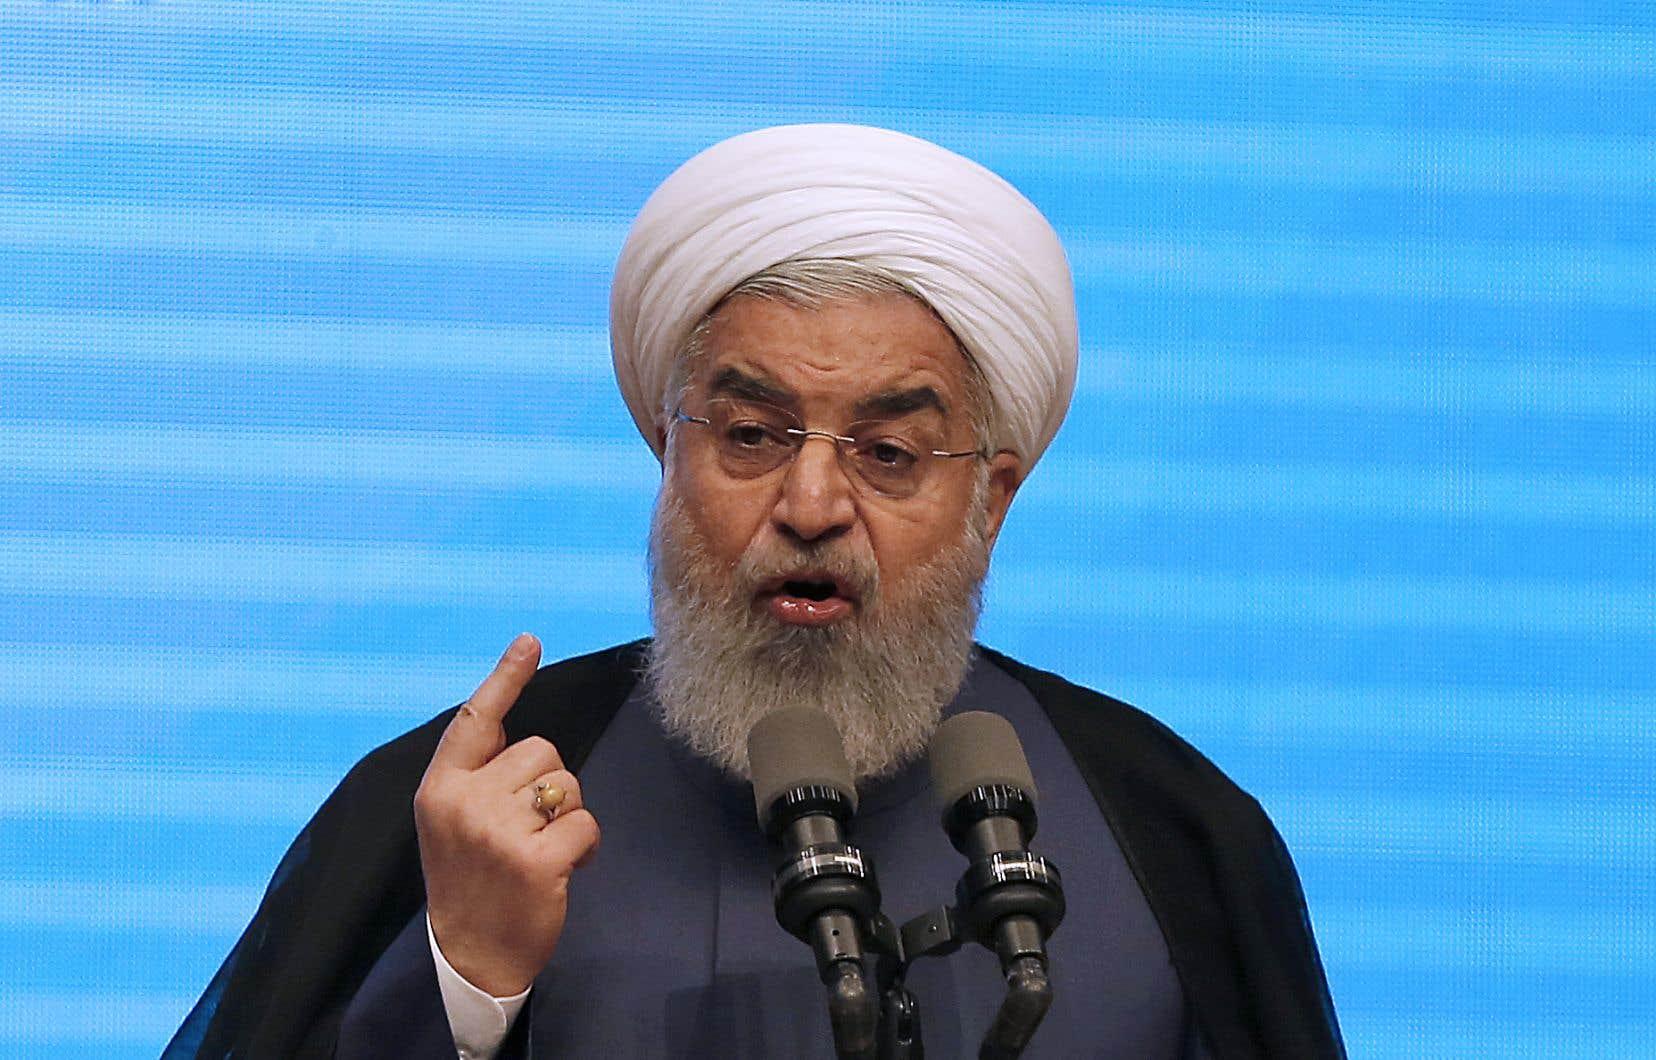 Le président iranien Hassan Rohani a catégoriquement rejeté mercredi tout nouvel accord sur le nucléaire.